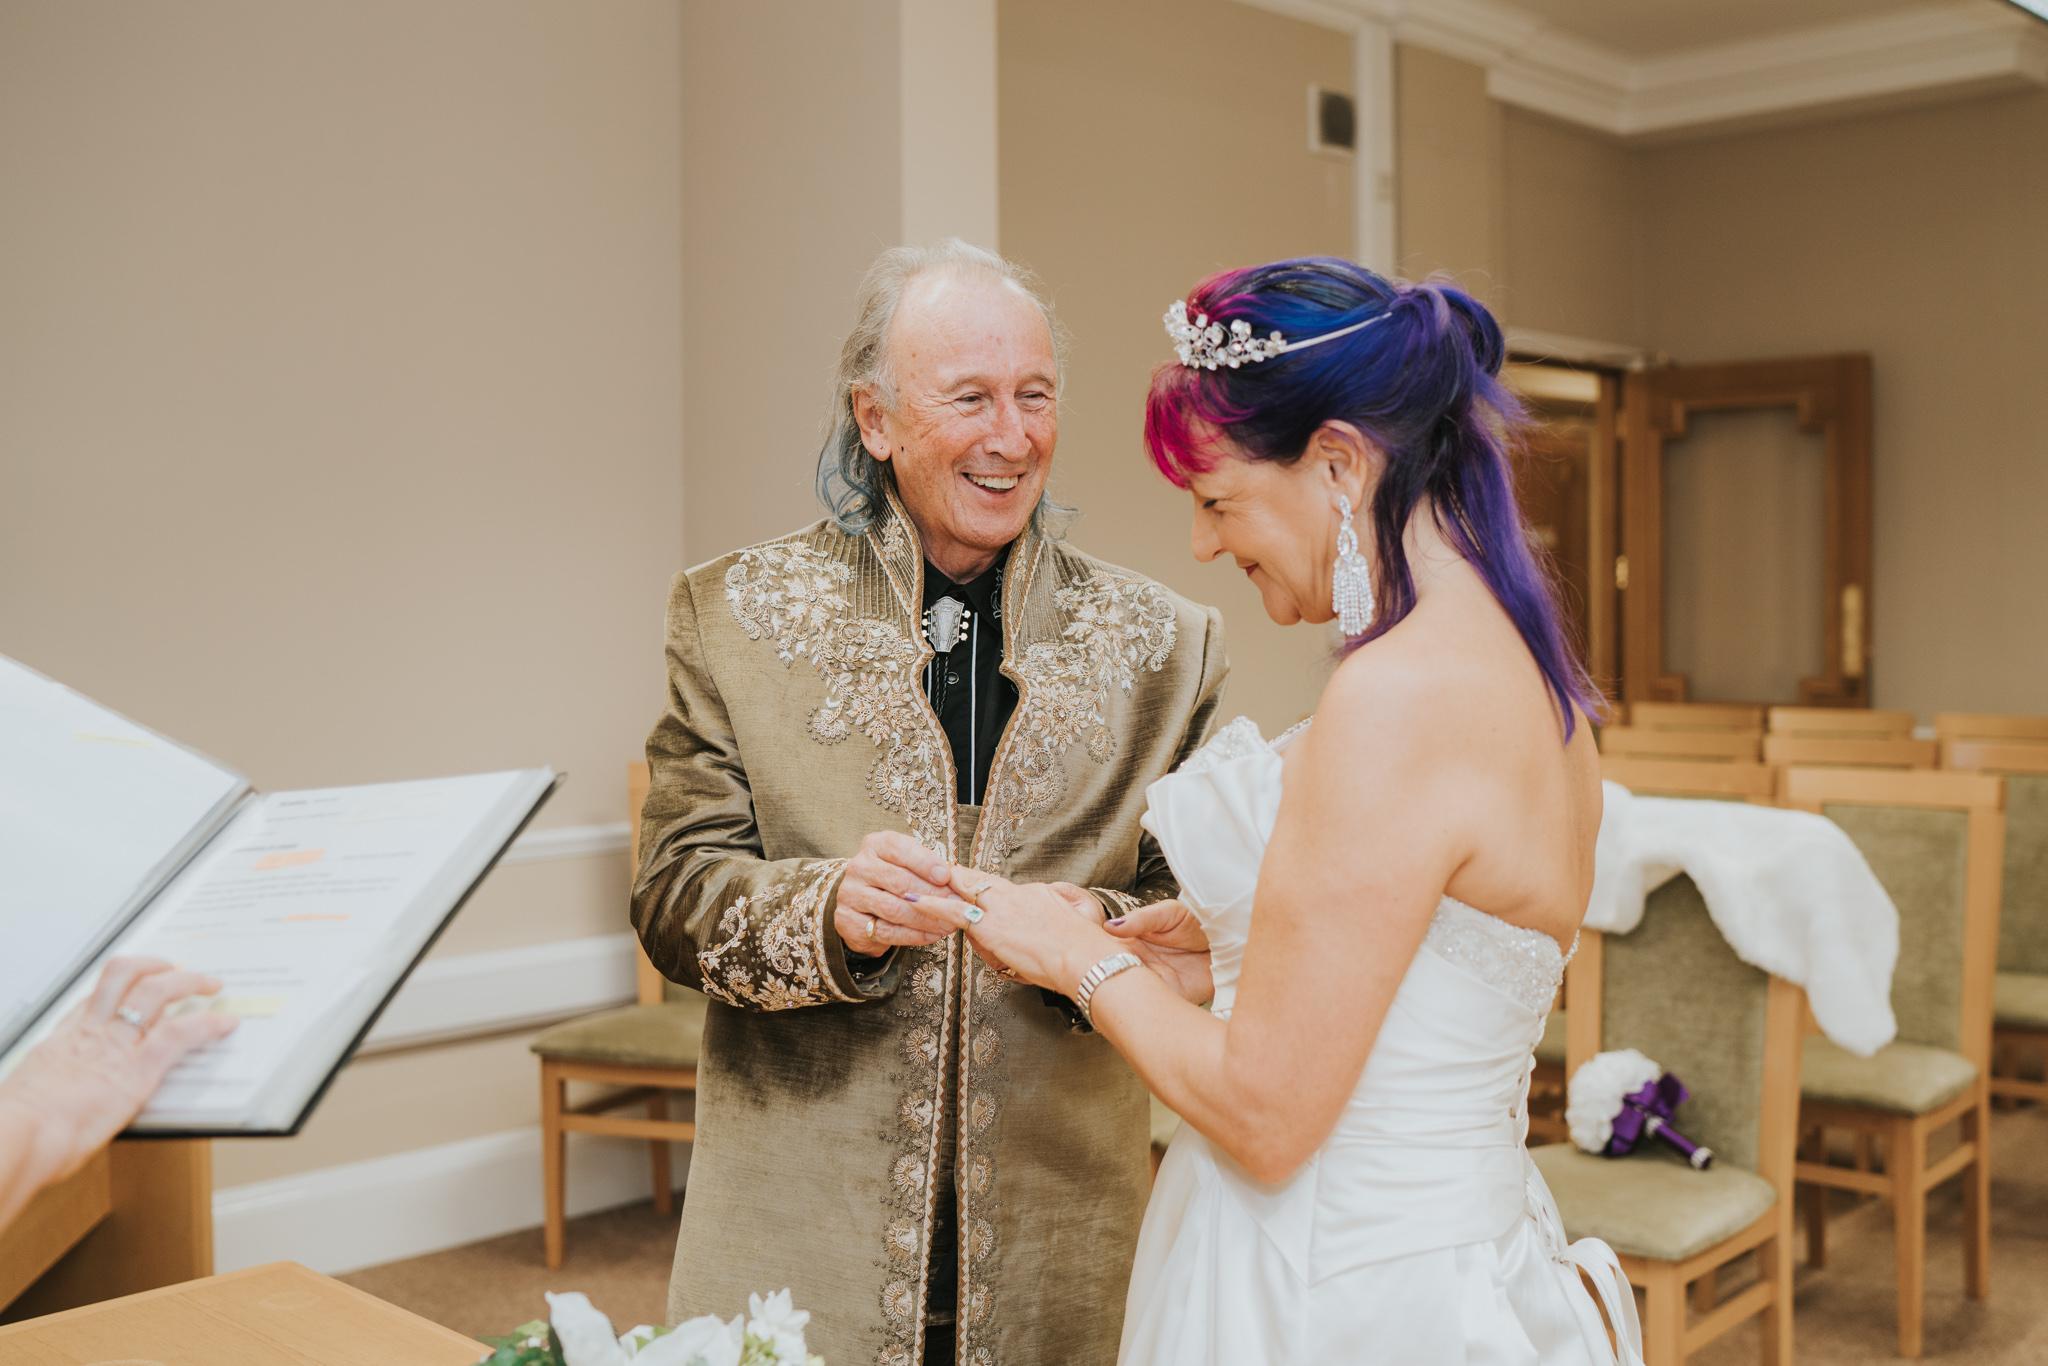 david-kim-elopement-colchester-essex-alternative-wedding-photographer-grace-elizabeth-essex-suffolk-norfolk-devon (13 of 38).jpg